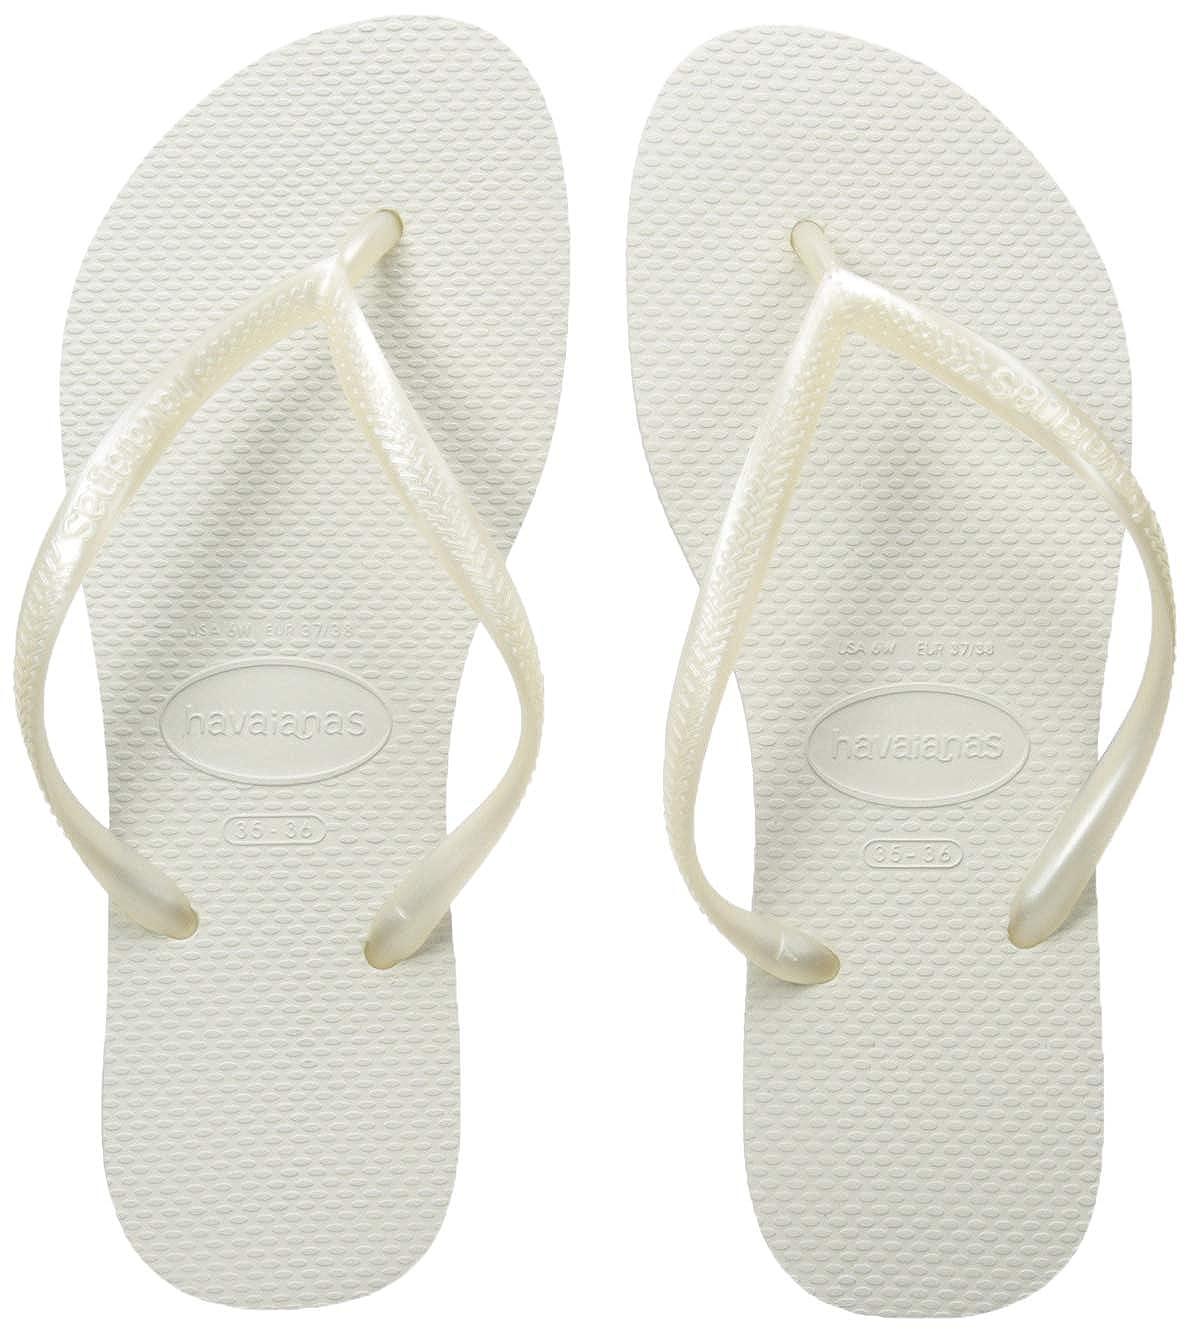 01a0efc1a7f2 Havaianas Women s Slim Flip Flops  Amazon.co.uk  Shoes   Bags